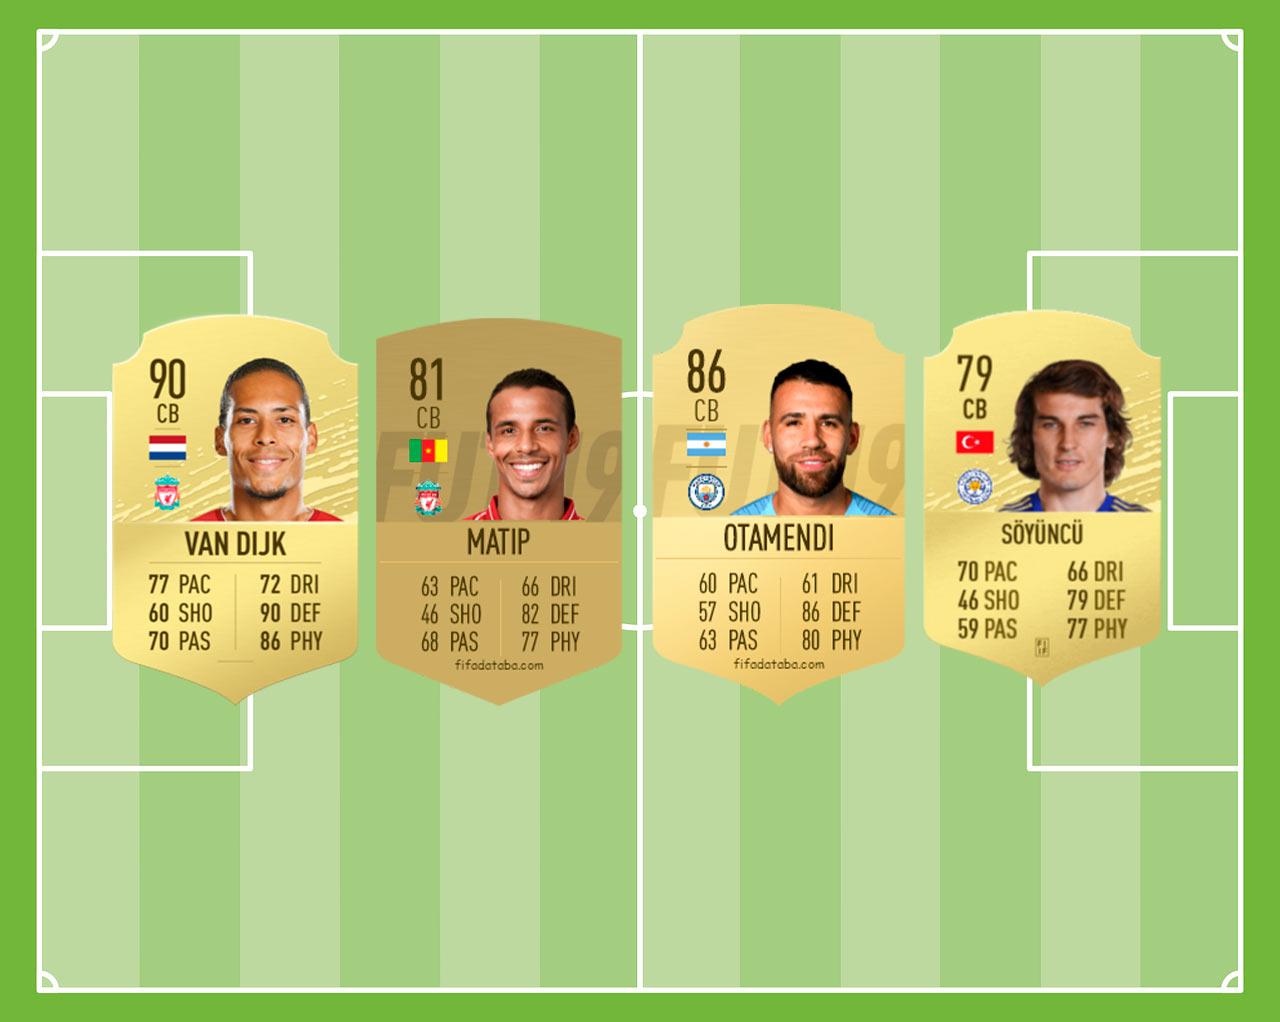 Los mejores centrales de la Premier League en FIFA 21 | Kyaooo